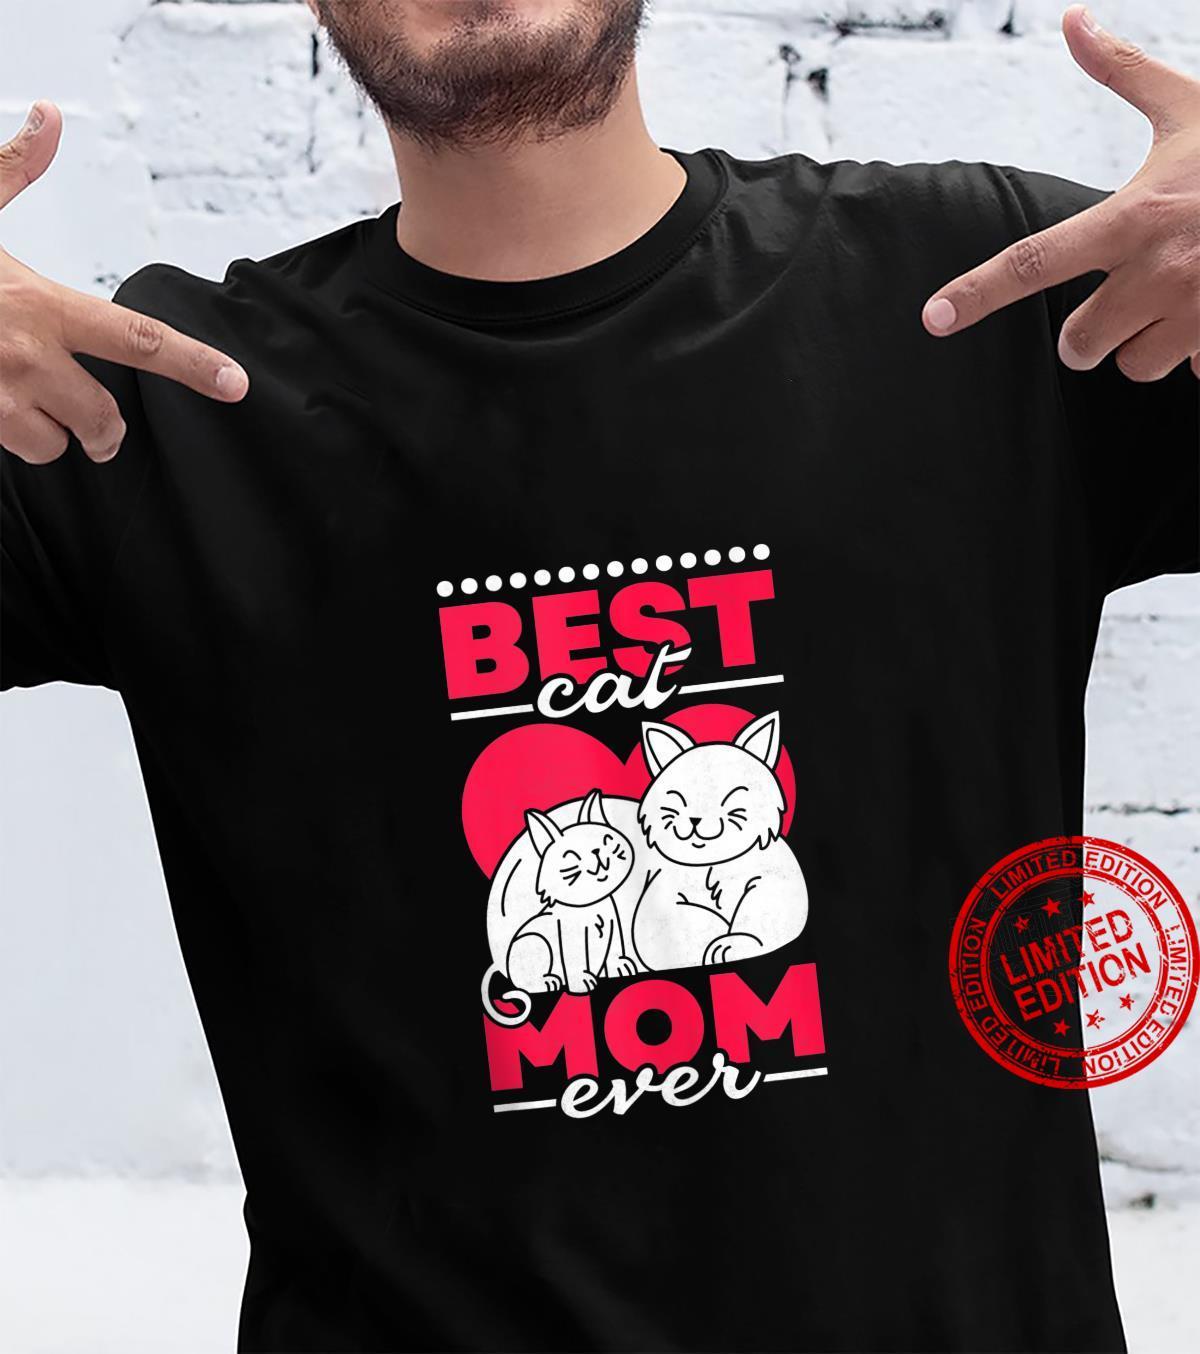 Best Cat Mom Ever, Cat Shirt